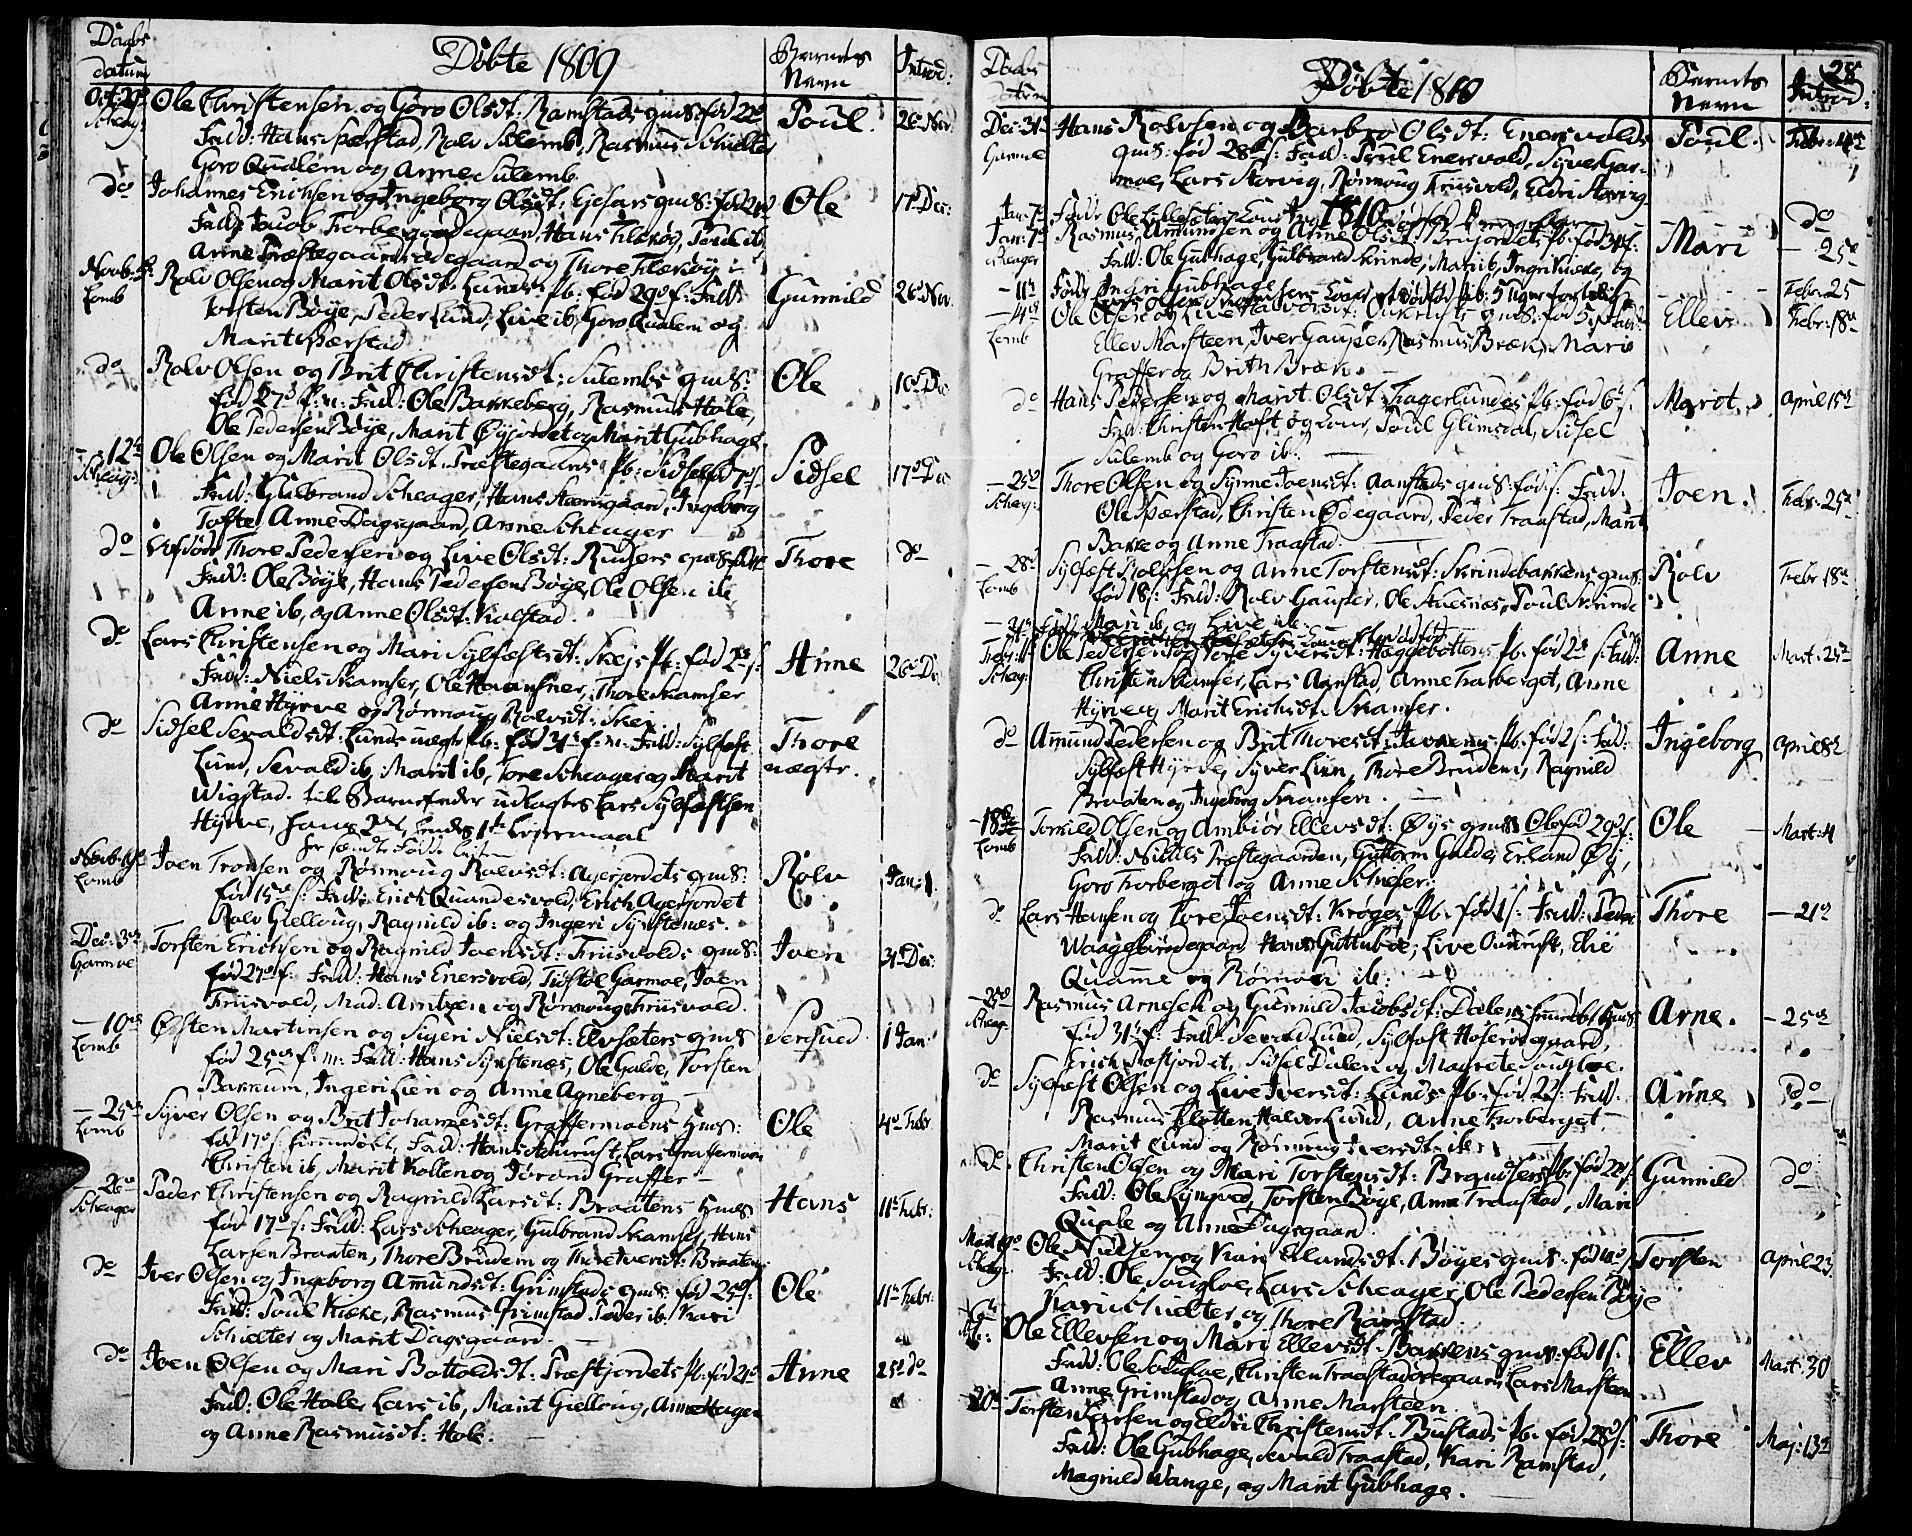 SAH, Lom prestekontor, K/L0003: Ministerialbok nr. 3, 1801-1825, s. 28